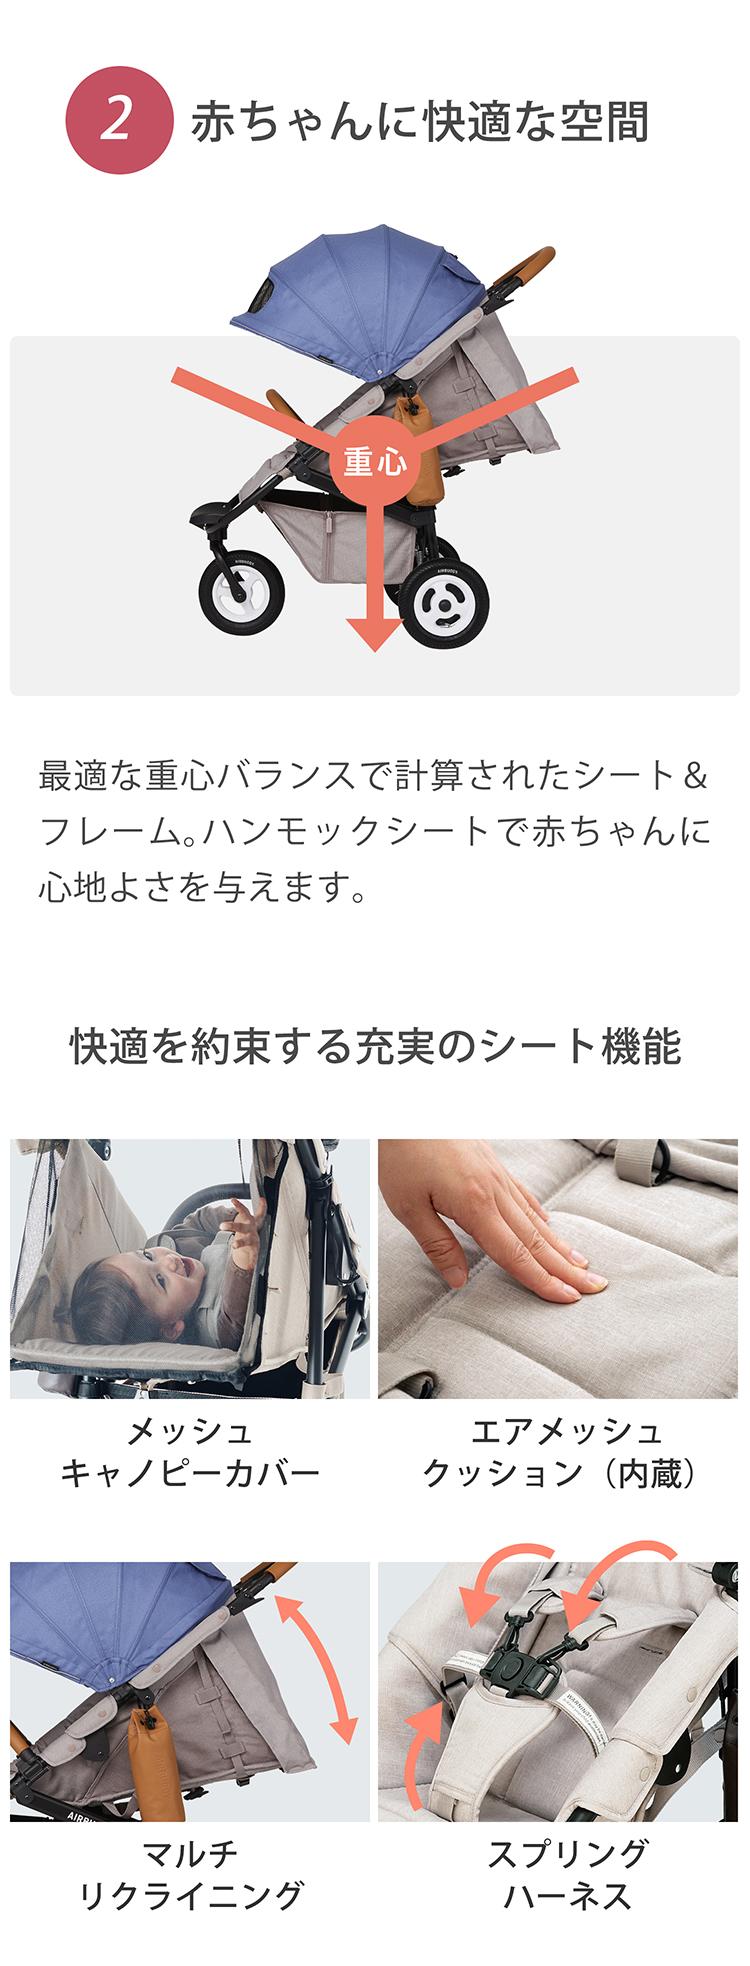 新生児から使えるベビーカーエアバギー「フロムバース ブレーキ」の商品ページ3